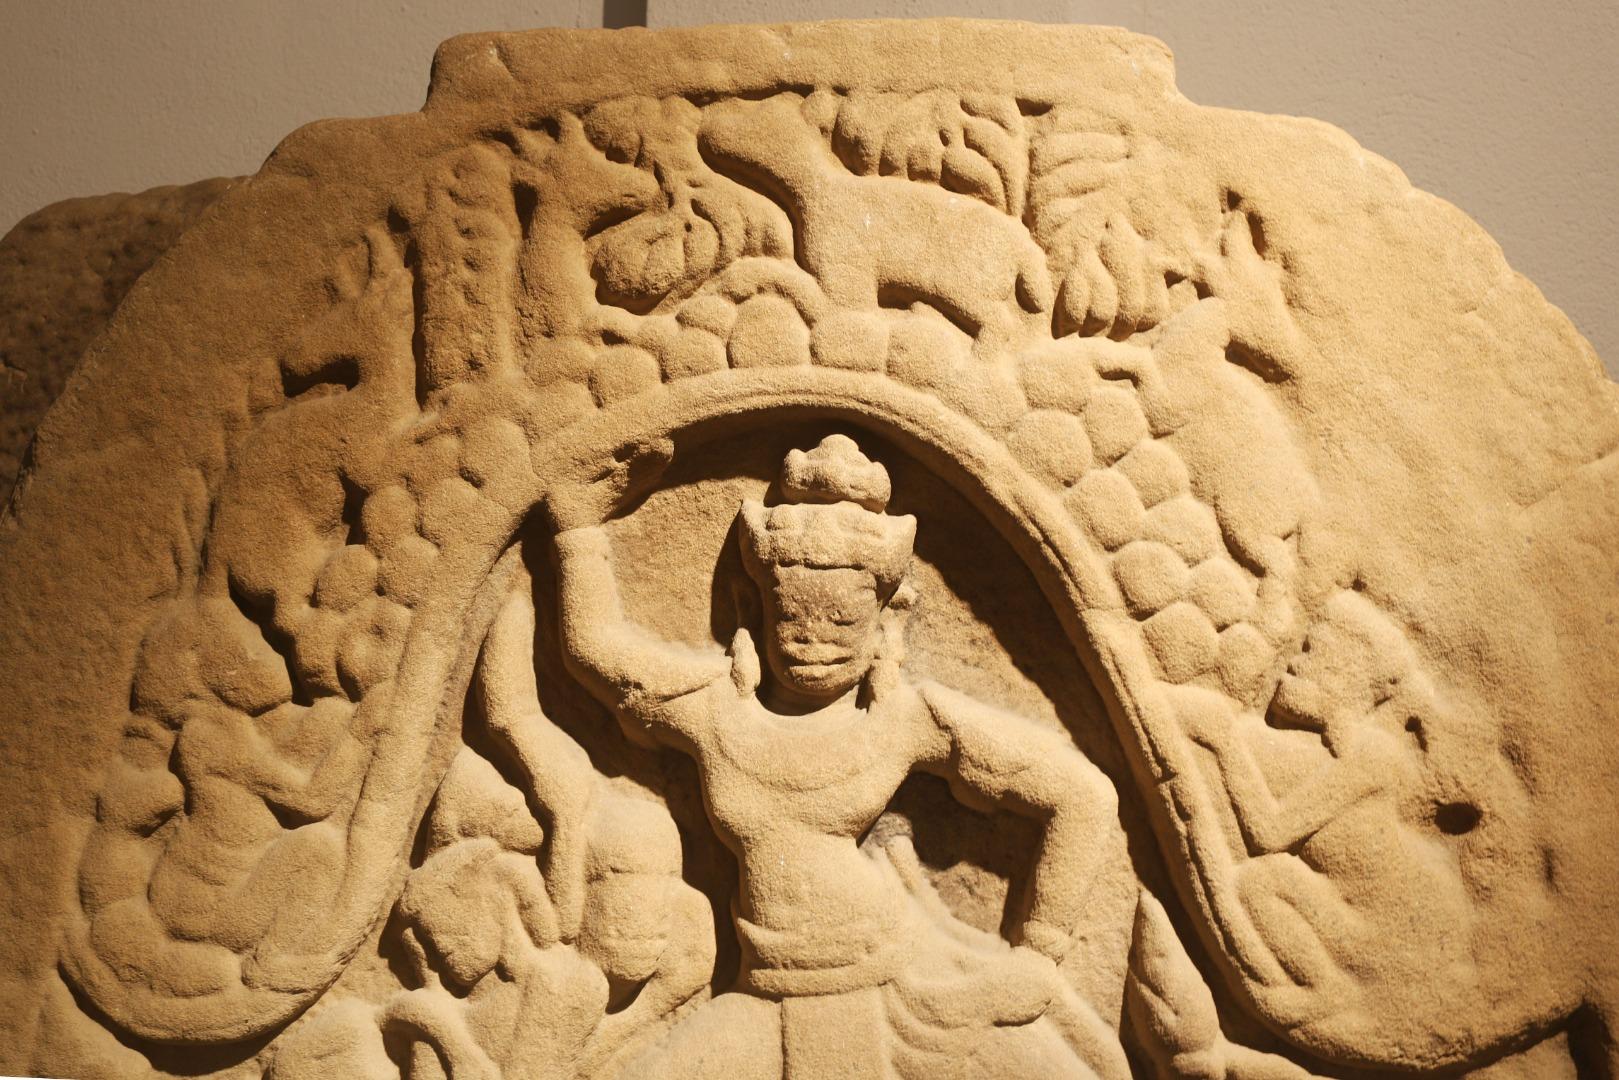 Phần giữa thể hiện dân làng và đàn gia súc quây quần hai bên Krishna, khép nép dưới vòm ngọn núi Govardhana trong sự che chở của thần để tránh cơn mưa lũ của thần Indra gây ra trong cơn thịnh nộ.